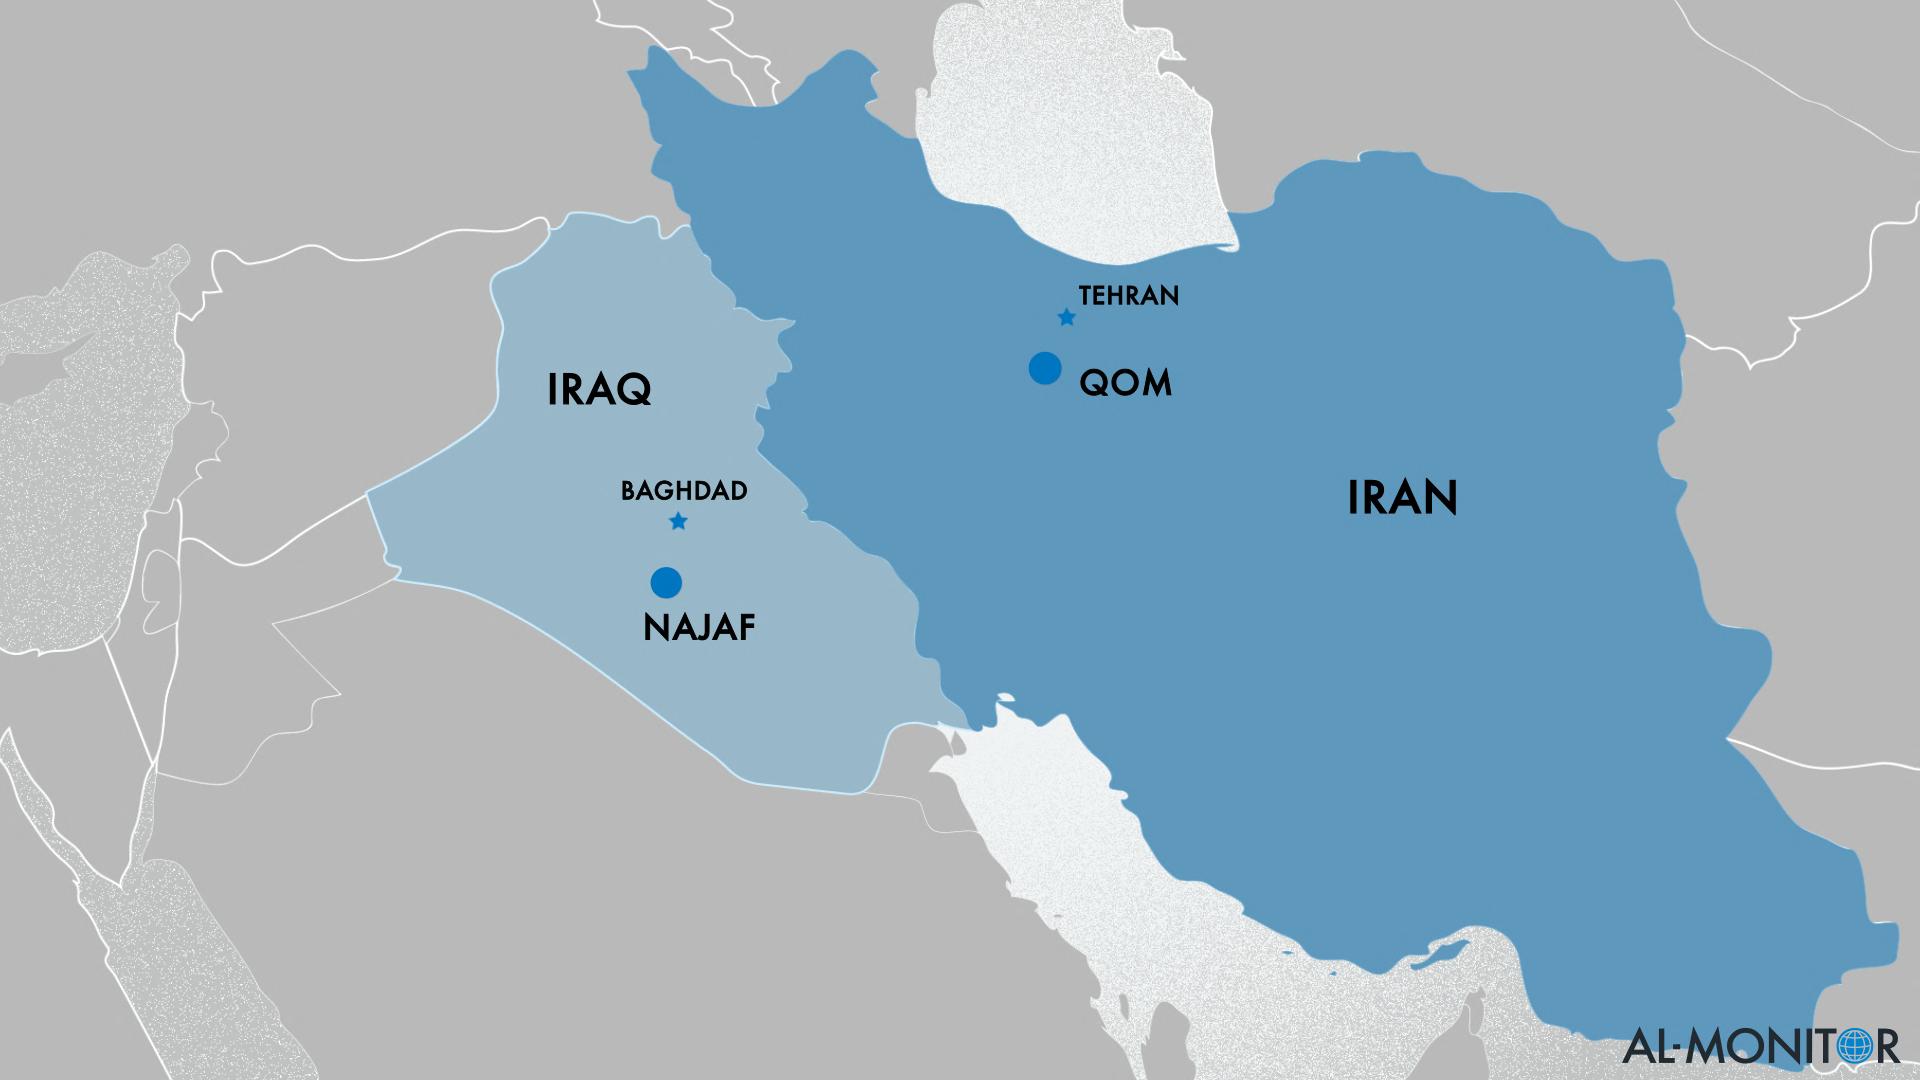 map_iran_iraq